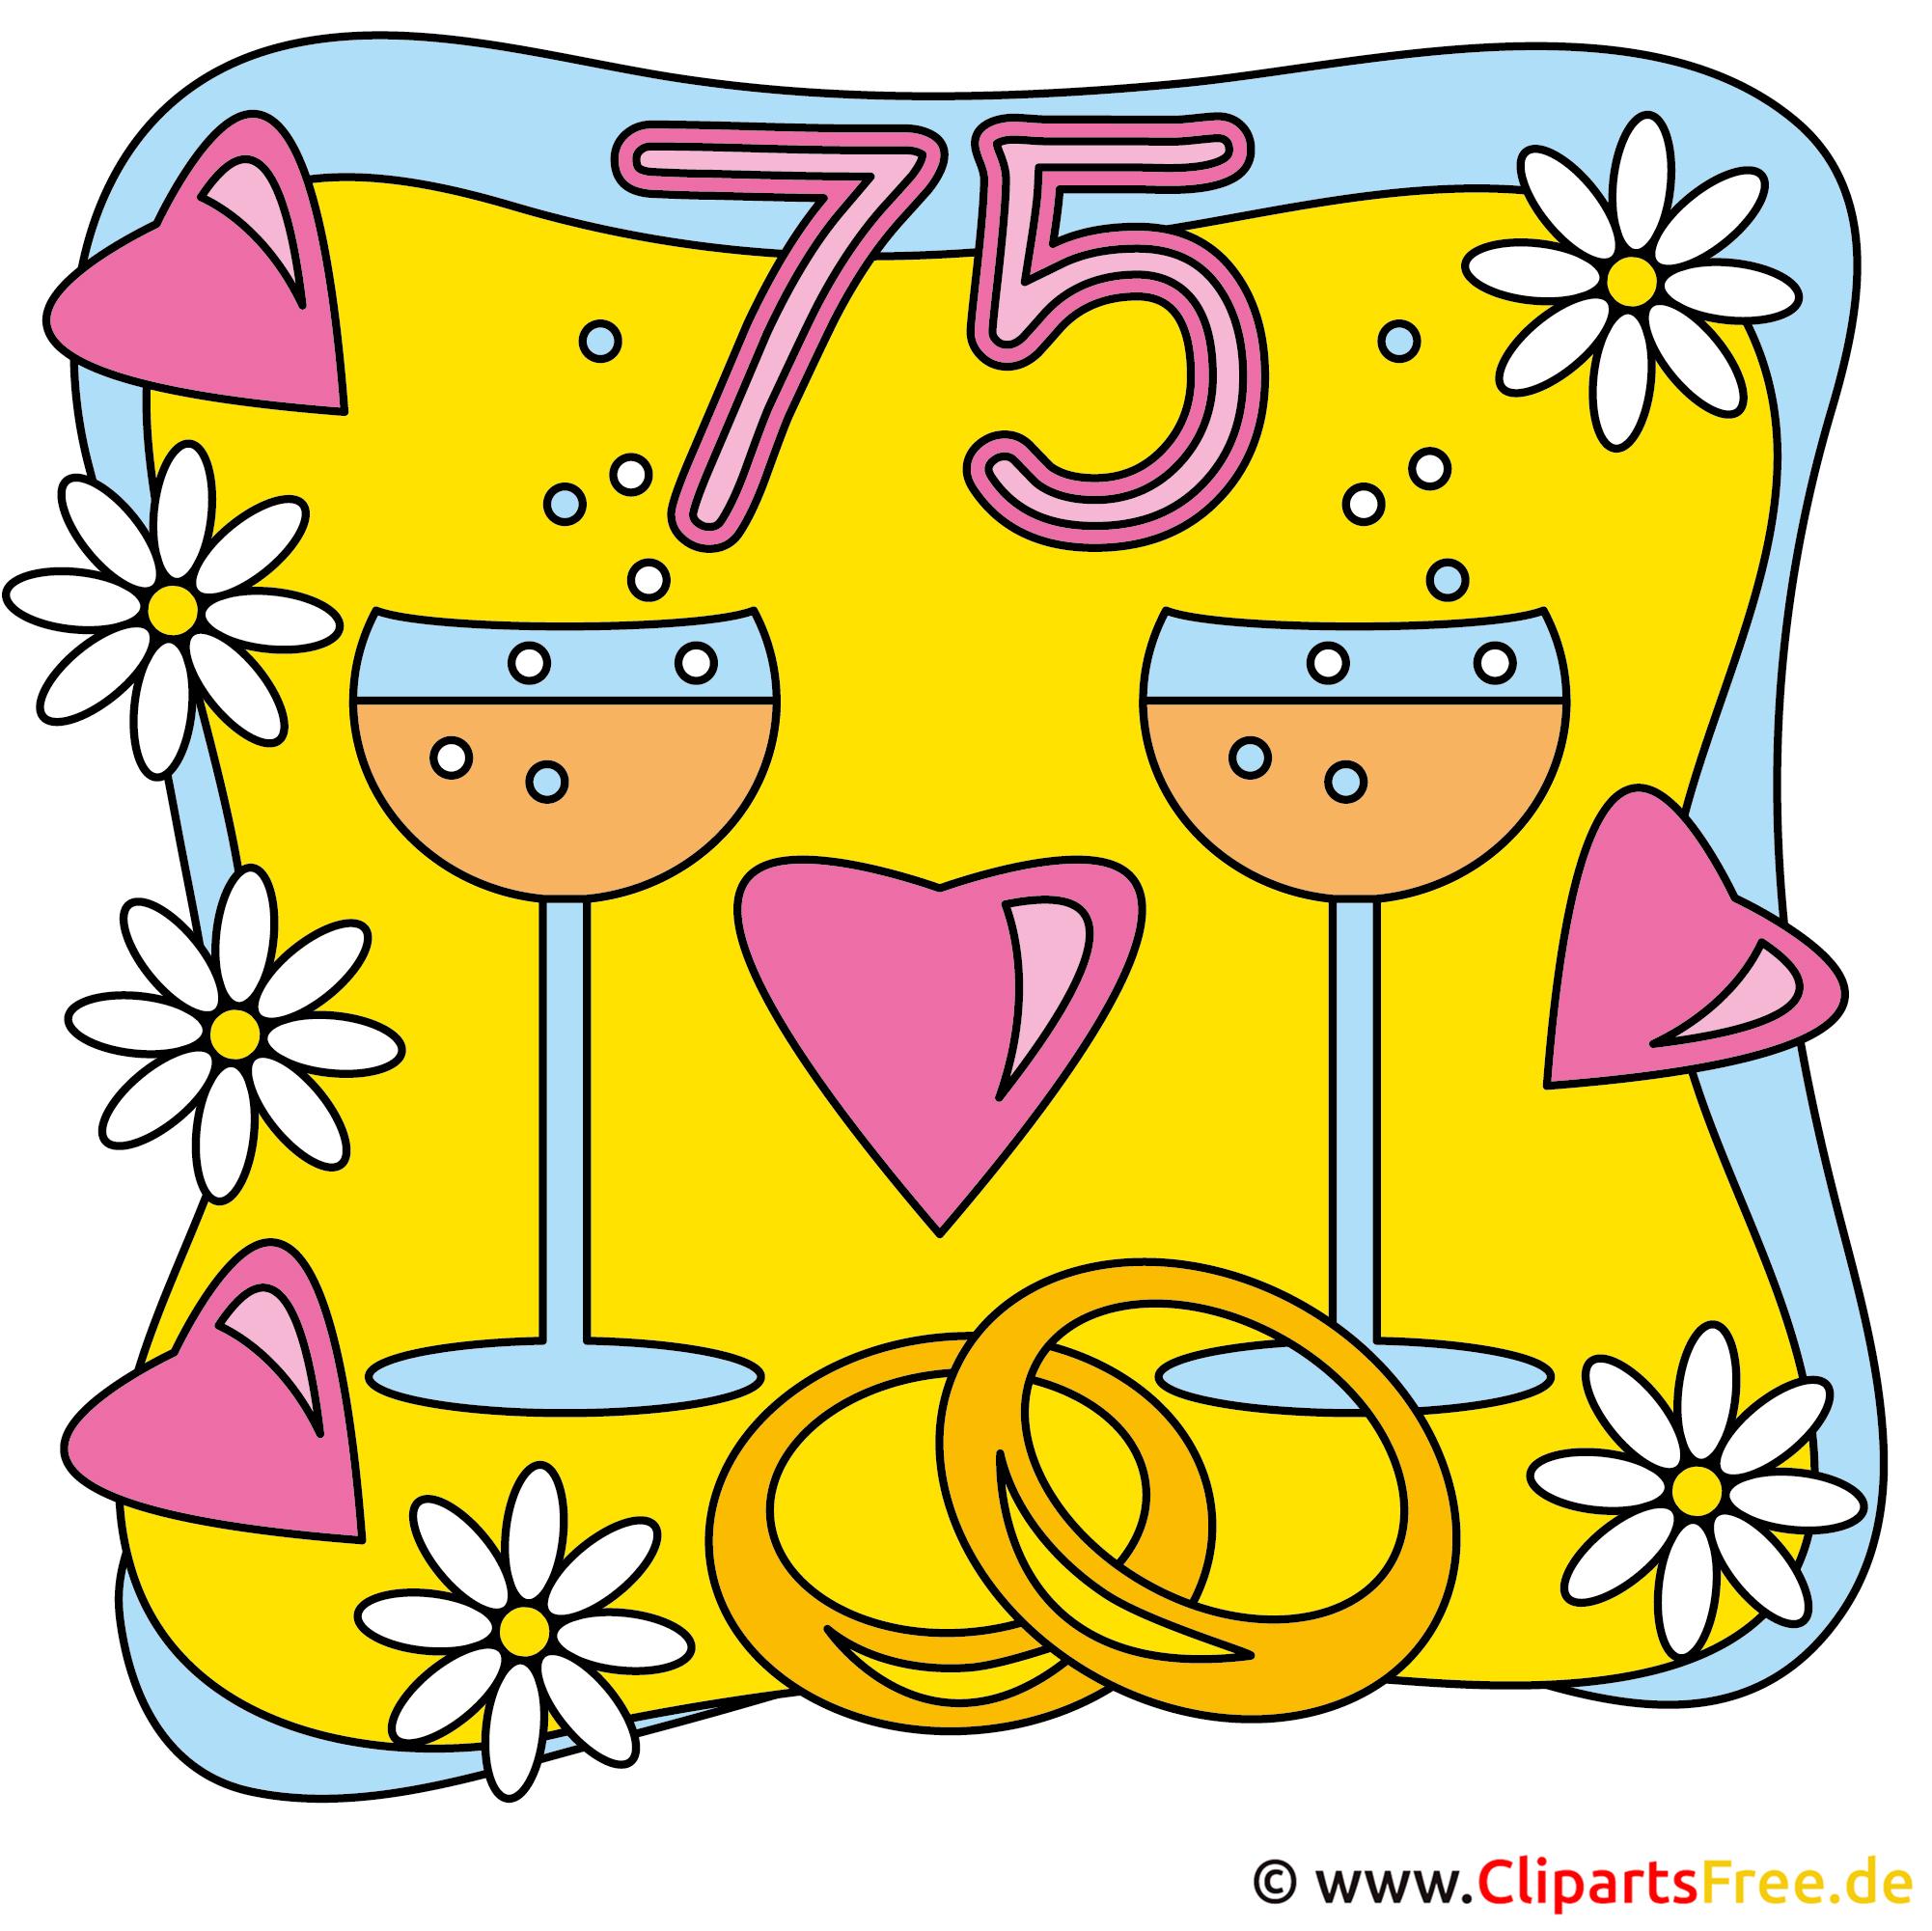 Geldgeschenke zur Hochzeit Uncool - Glückwünsche mit Cliparts